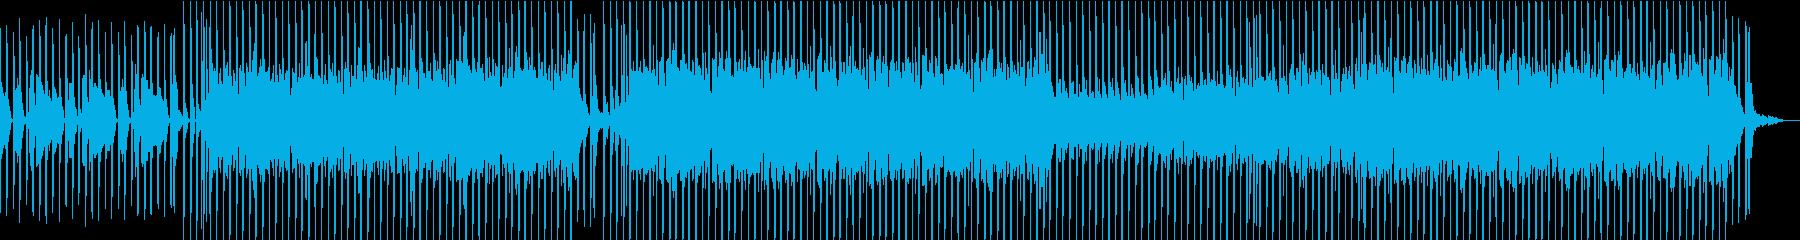 ギターが特徴的な明るめトラックの再生済みの波形